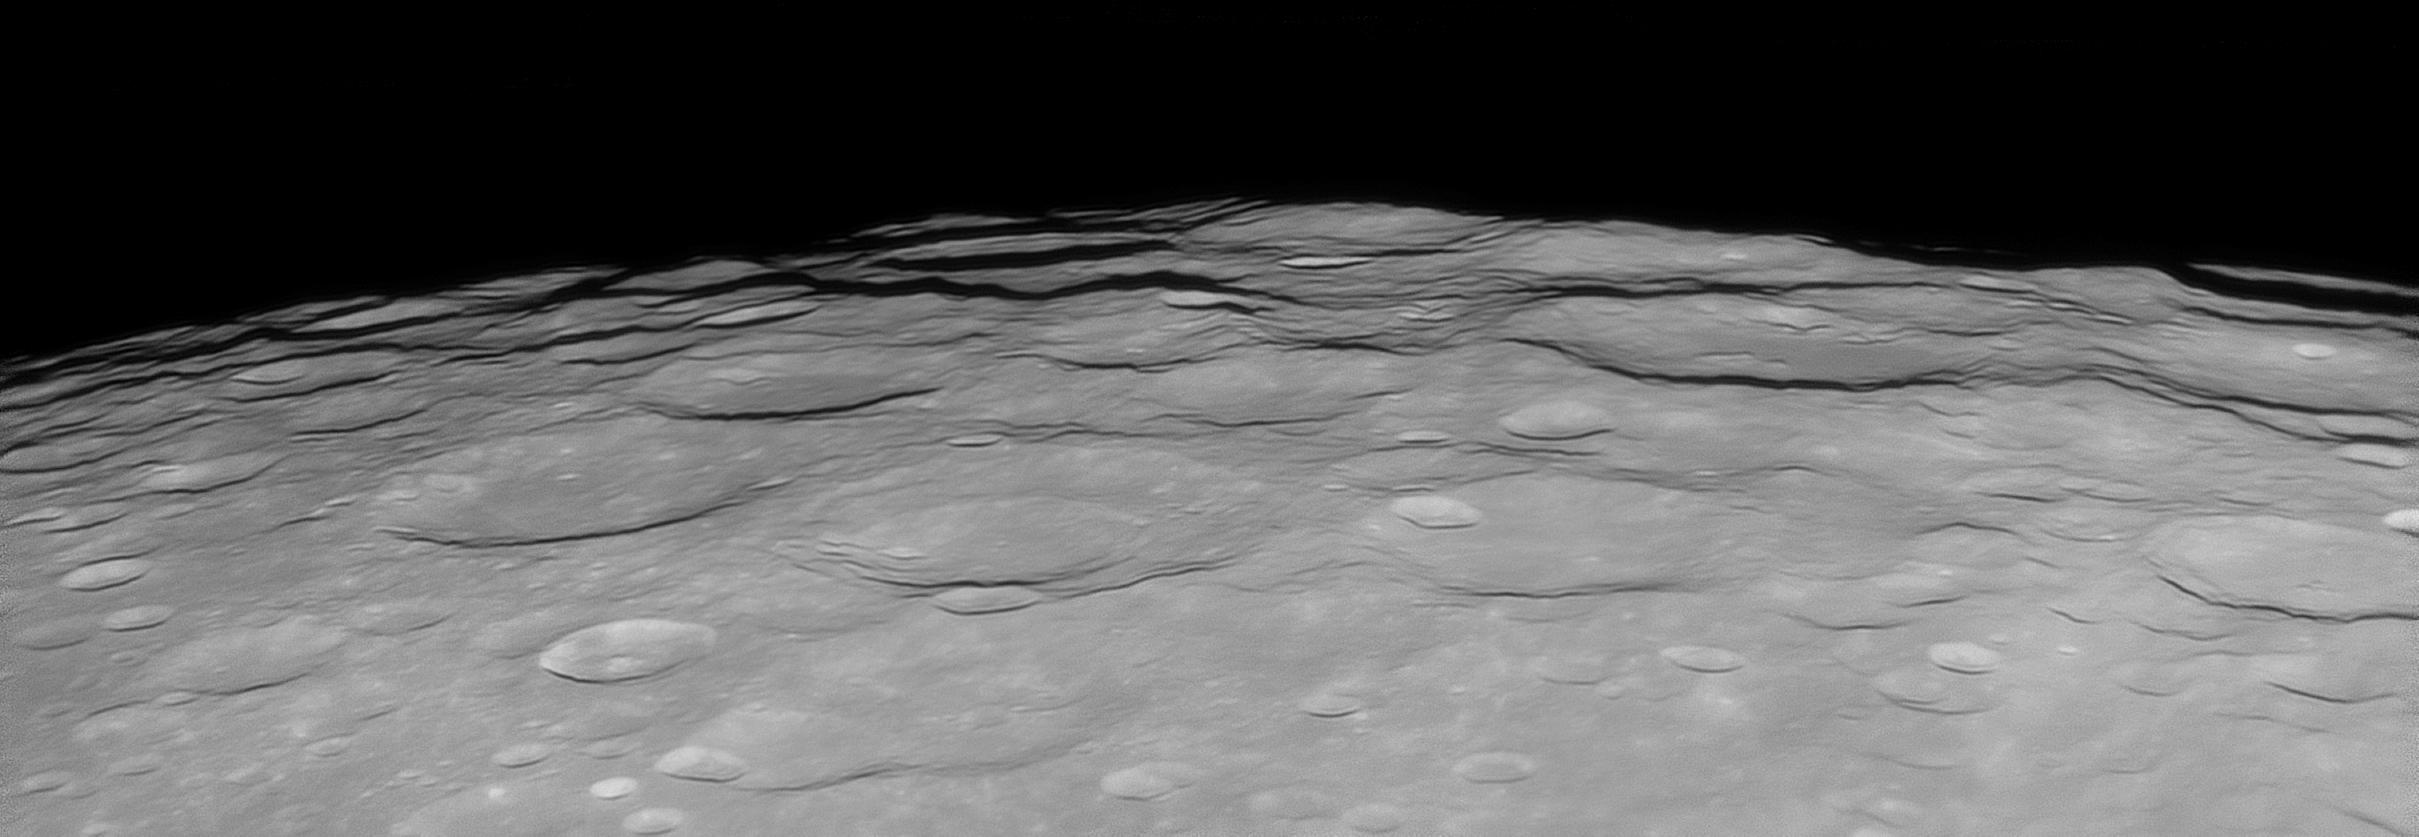 lune3-b1-6x-80-.jpg